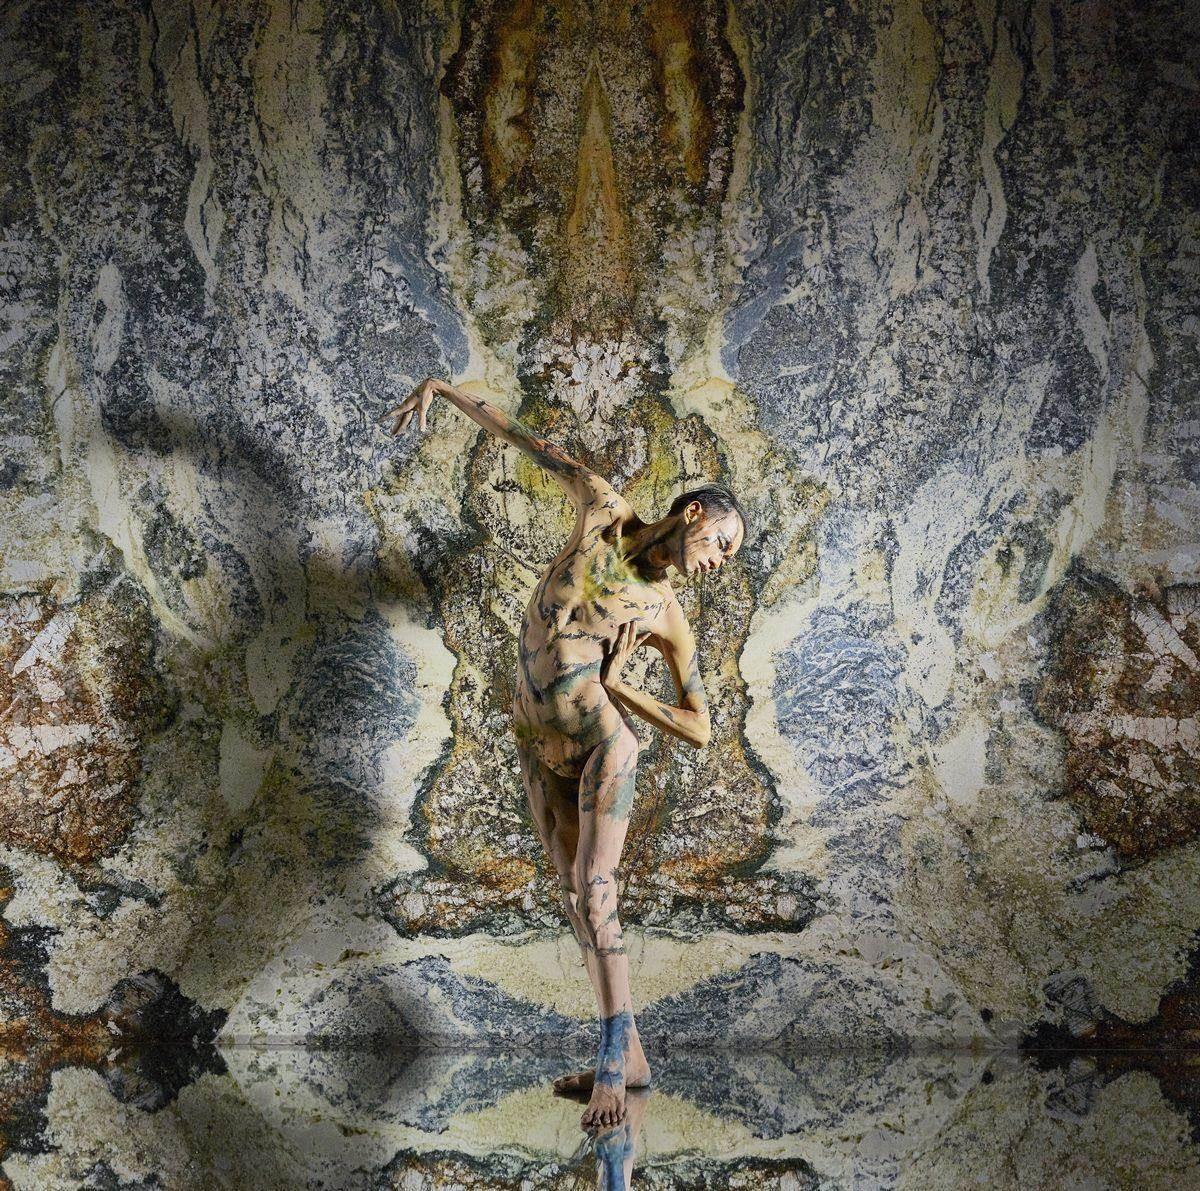 承豪石材邀請人體彩繪舞者,藉由肢體律動賦予石材藝術生命力。